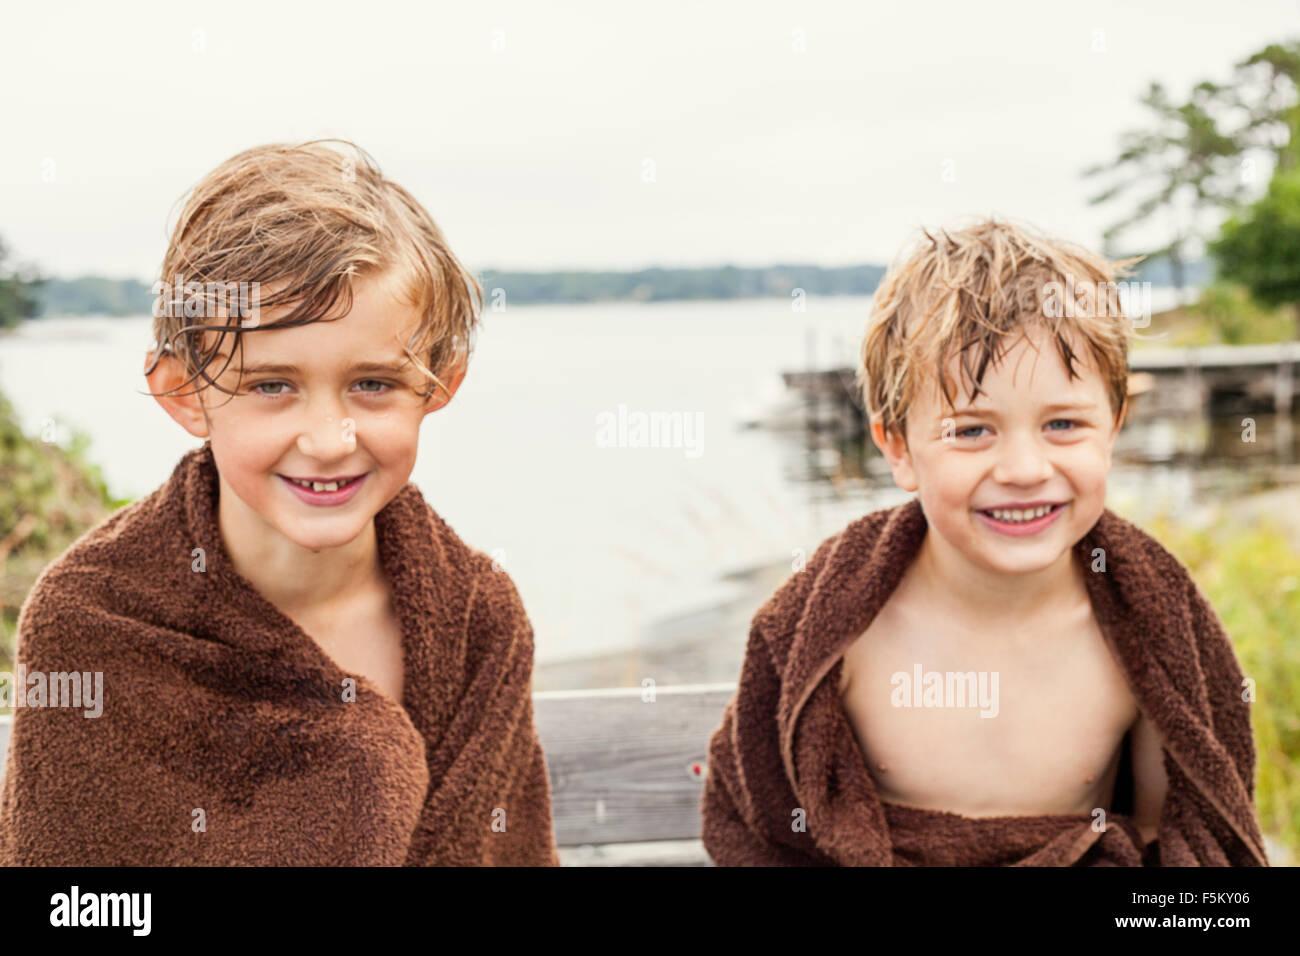 La Svezia, Uppland, Runmaro, Barrskar, ritratto di due ragazzi avvolti in asciugamani Immagini Stock